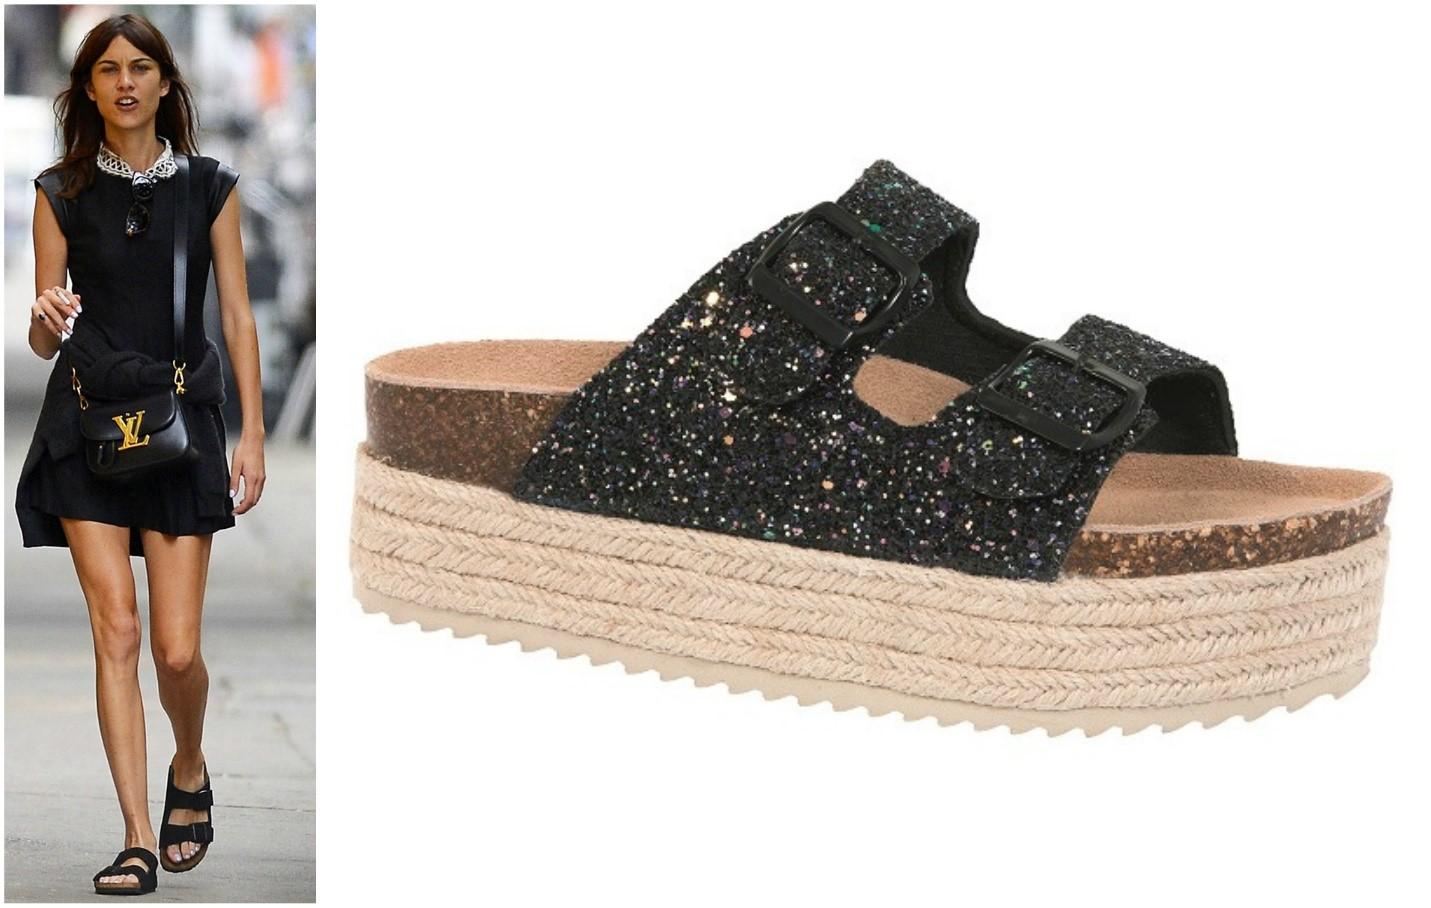 Αυτά τα πέδιλα μοιάζει να είναι τα αγαπημένα παπούτσια του style icon της  καρδιάς μας 10ad0e1da76